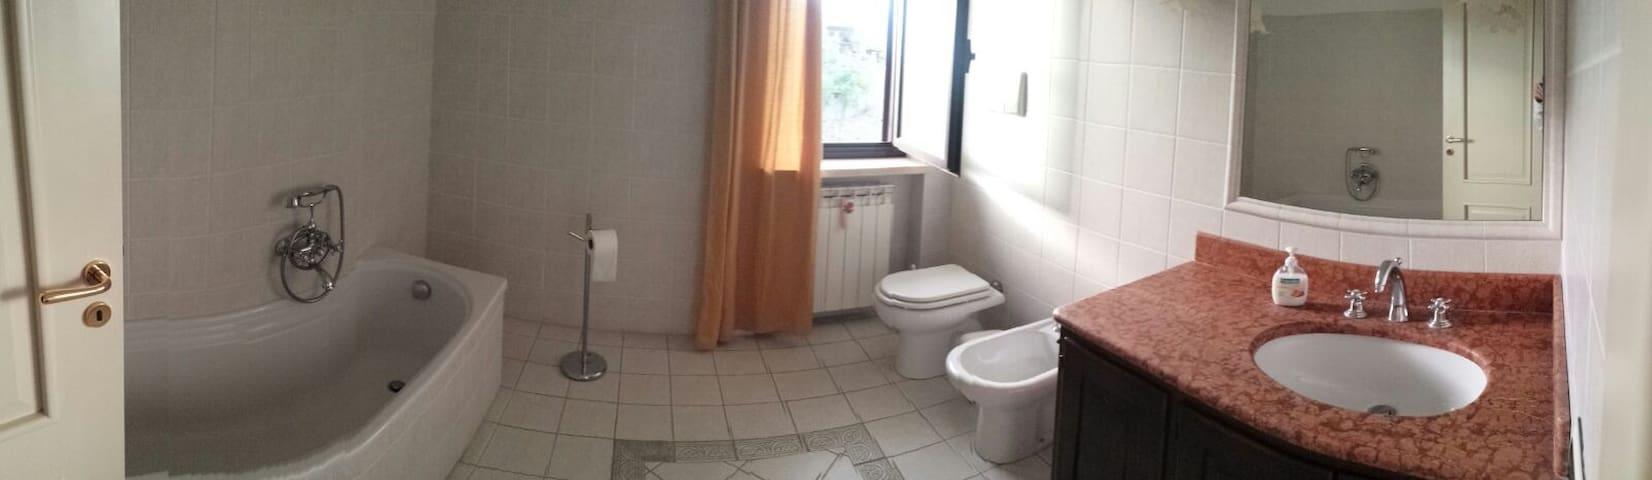 Fantastiche stanze indipendenti 1minuto dal mare2 - Belvedere Marittimo - Huis